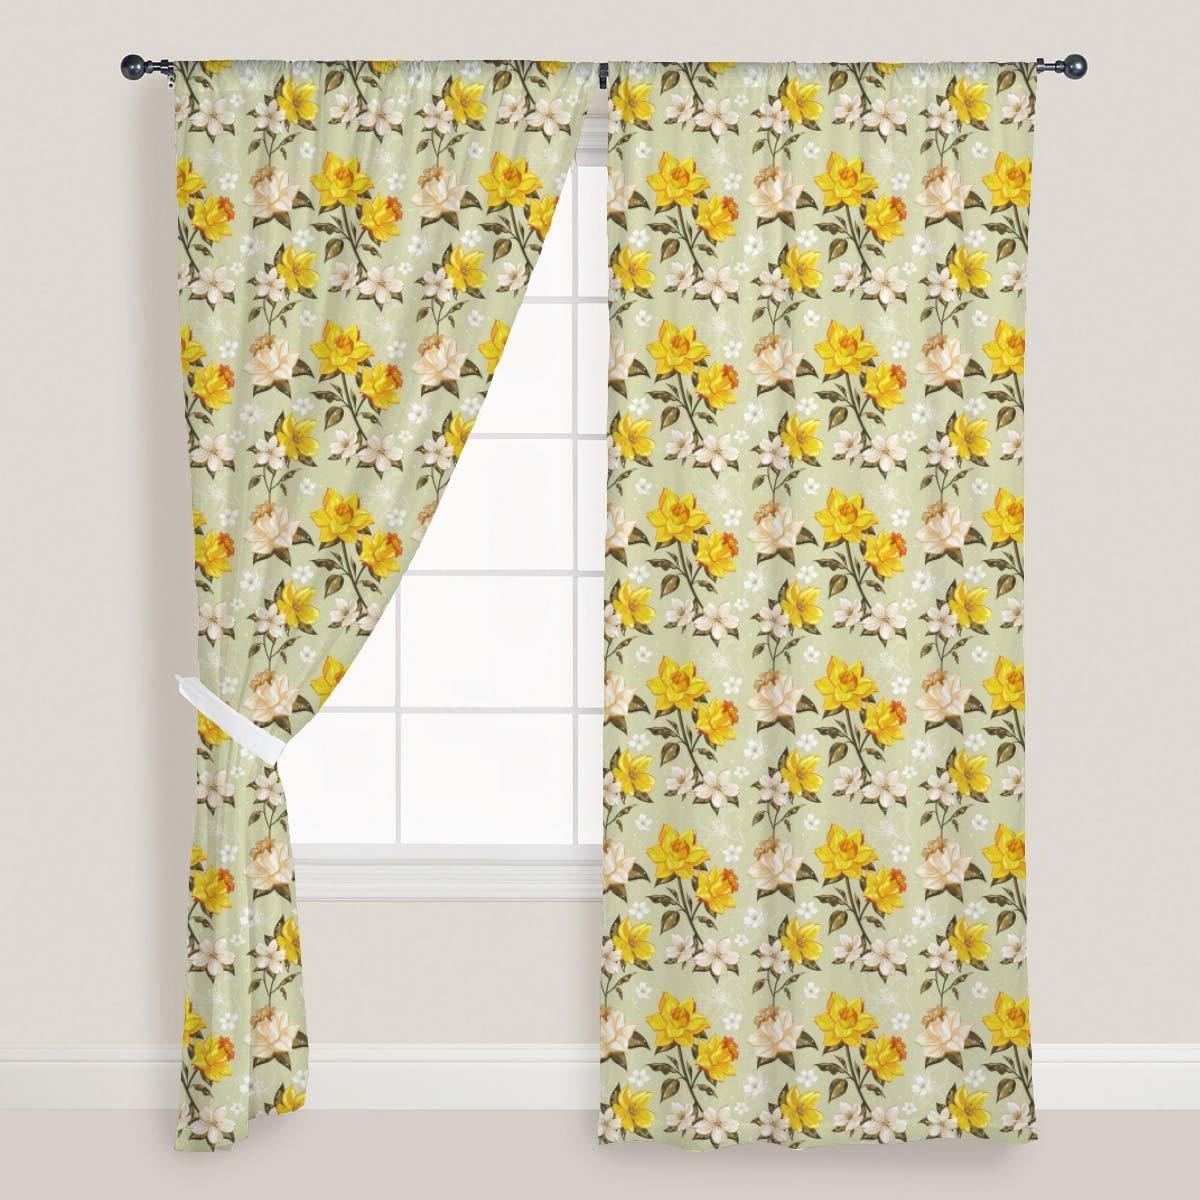 AZ Dotted Lineart Door & Window Curtain Satin 4feet x 8feet; SET OF 3 PCS